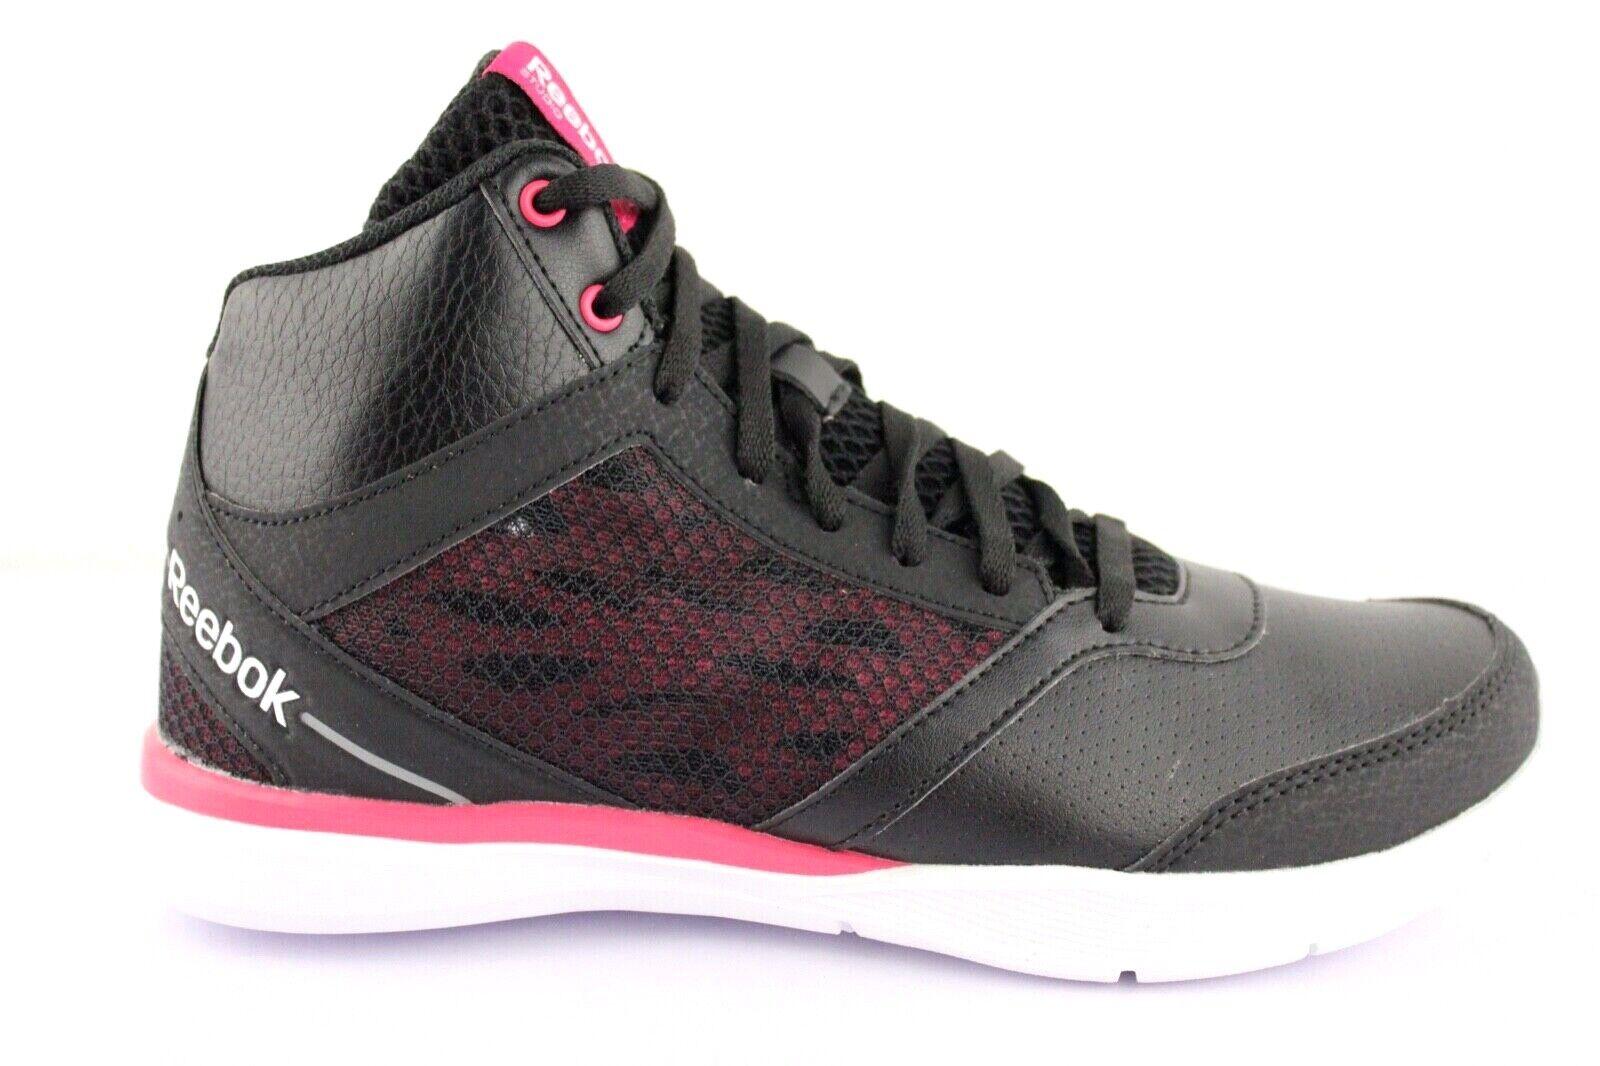 Reebok Cardio Workout RS SYN Damen Trainingschuhe Aerobic Schuhe Tanzschuhe